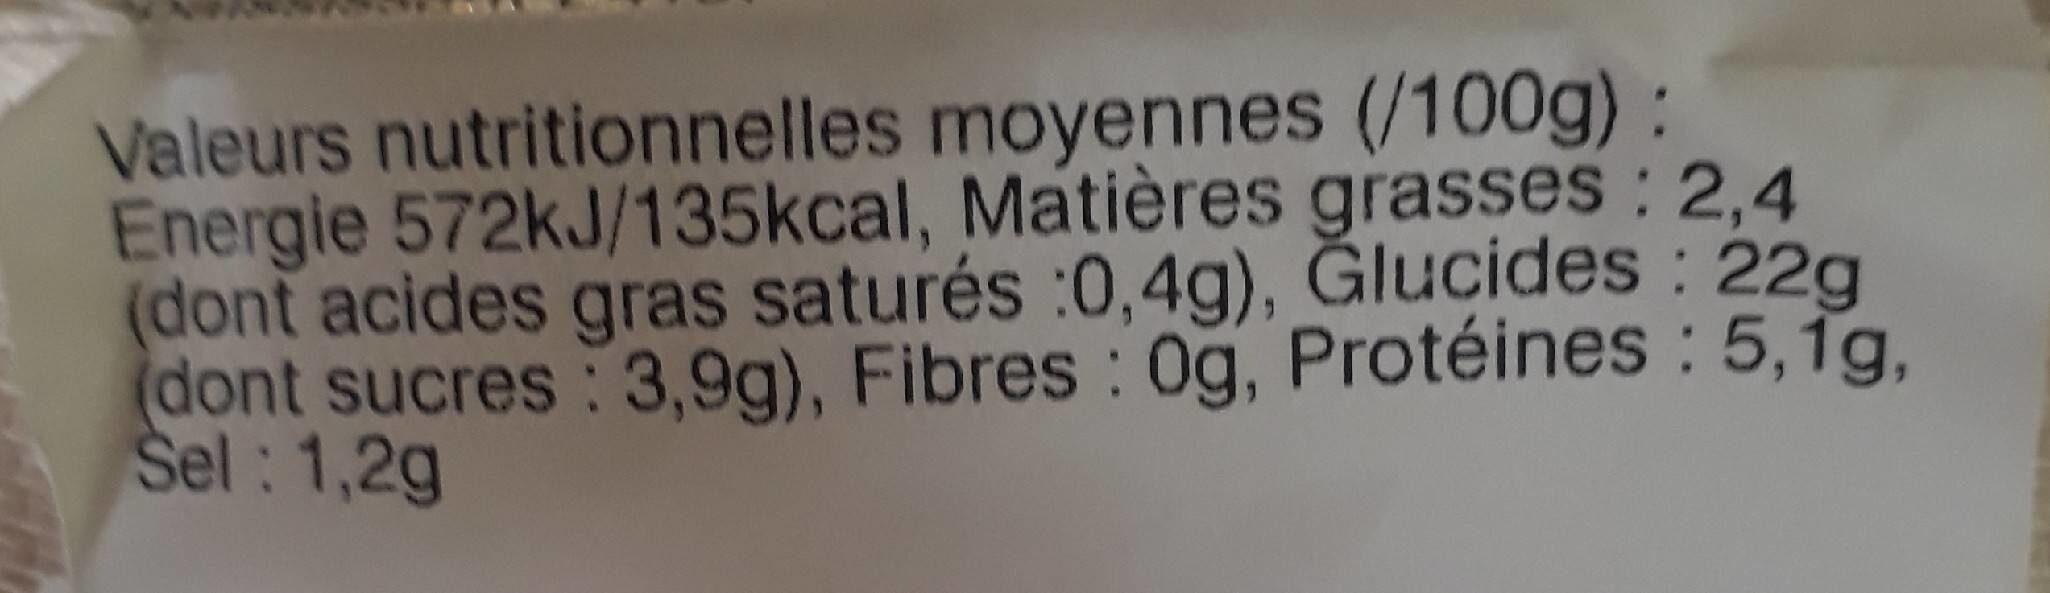 Gyoza crevettes 7 pièces - Nutrition facts - fr